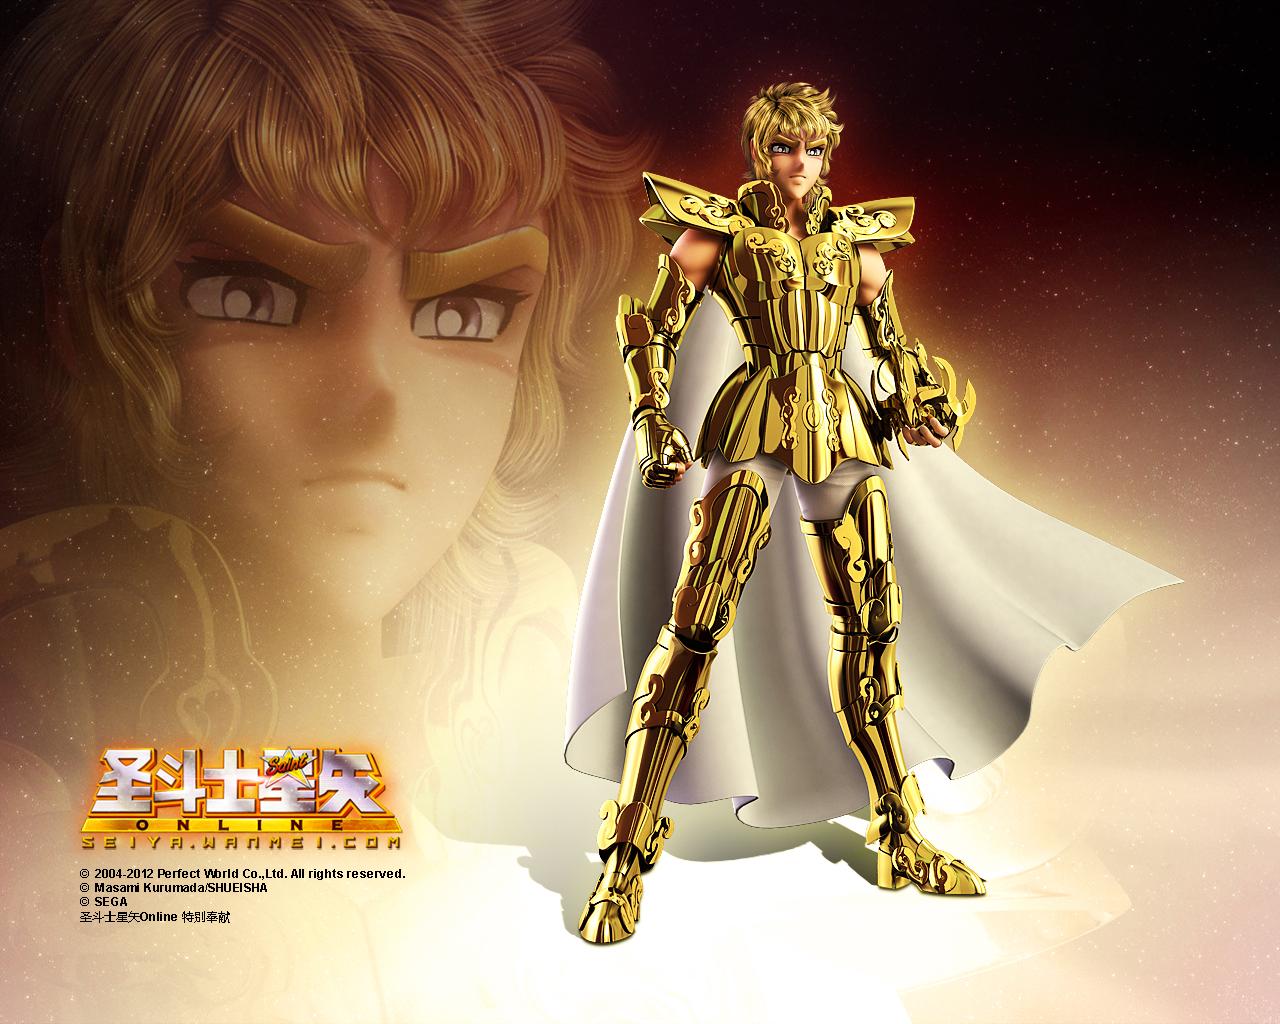 Ngắm hình nền thánh đấu sĩ Saint Seiya Online cực chất - Ảnh 7